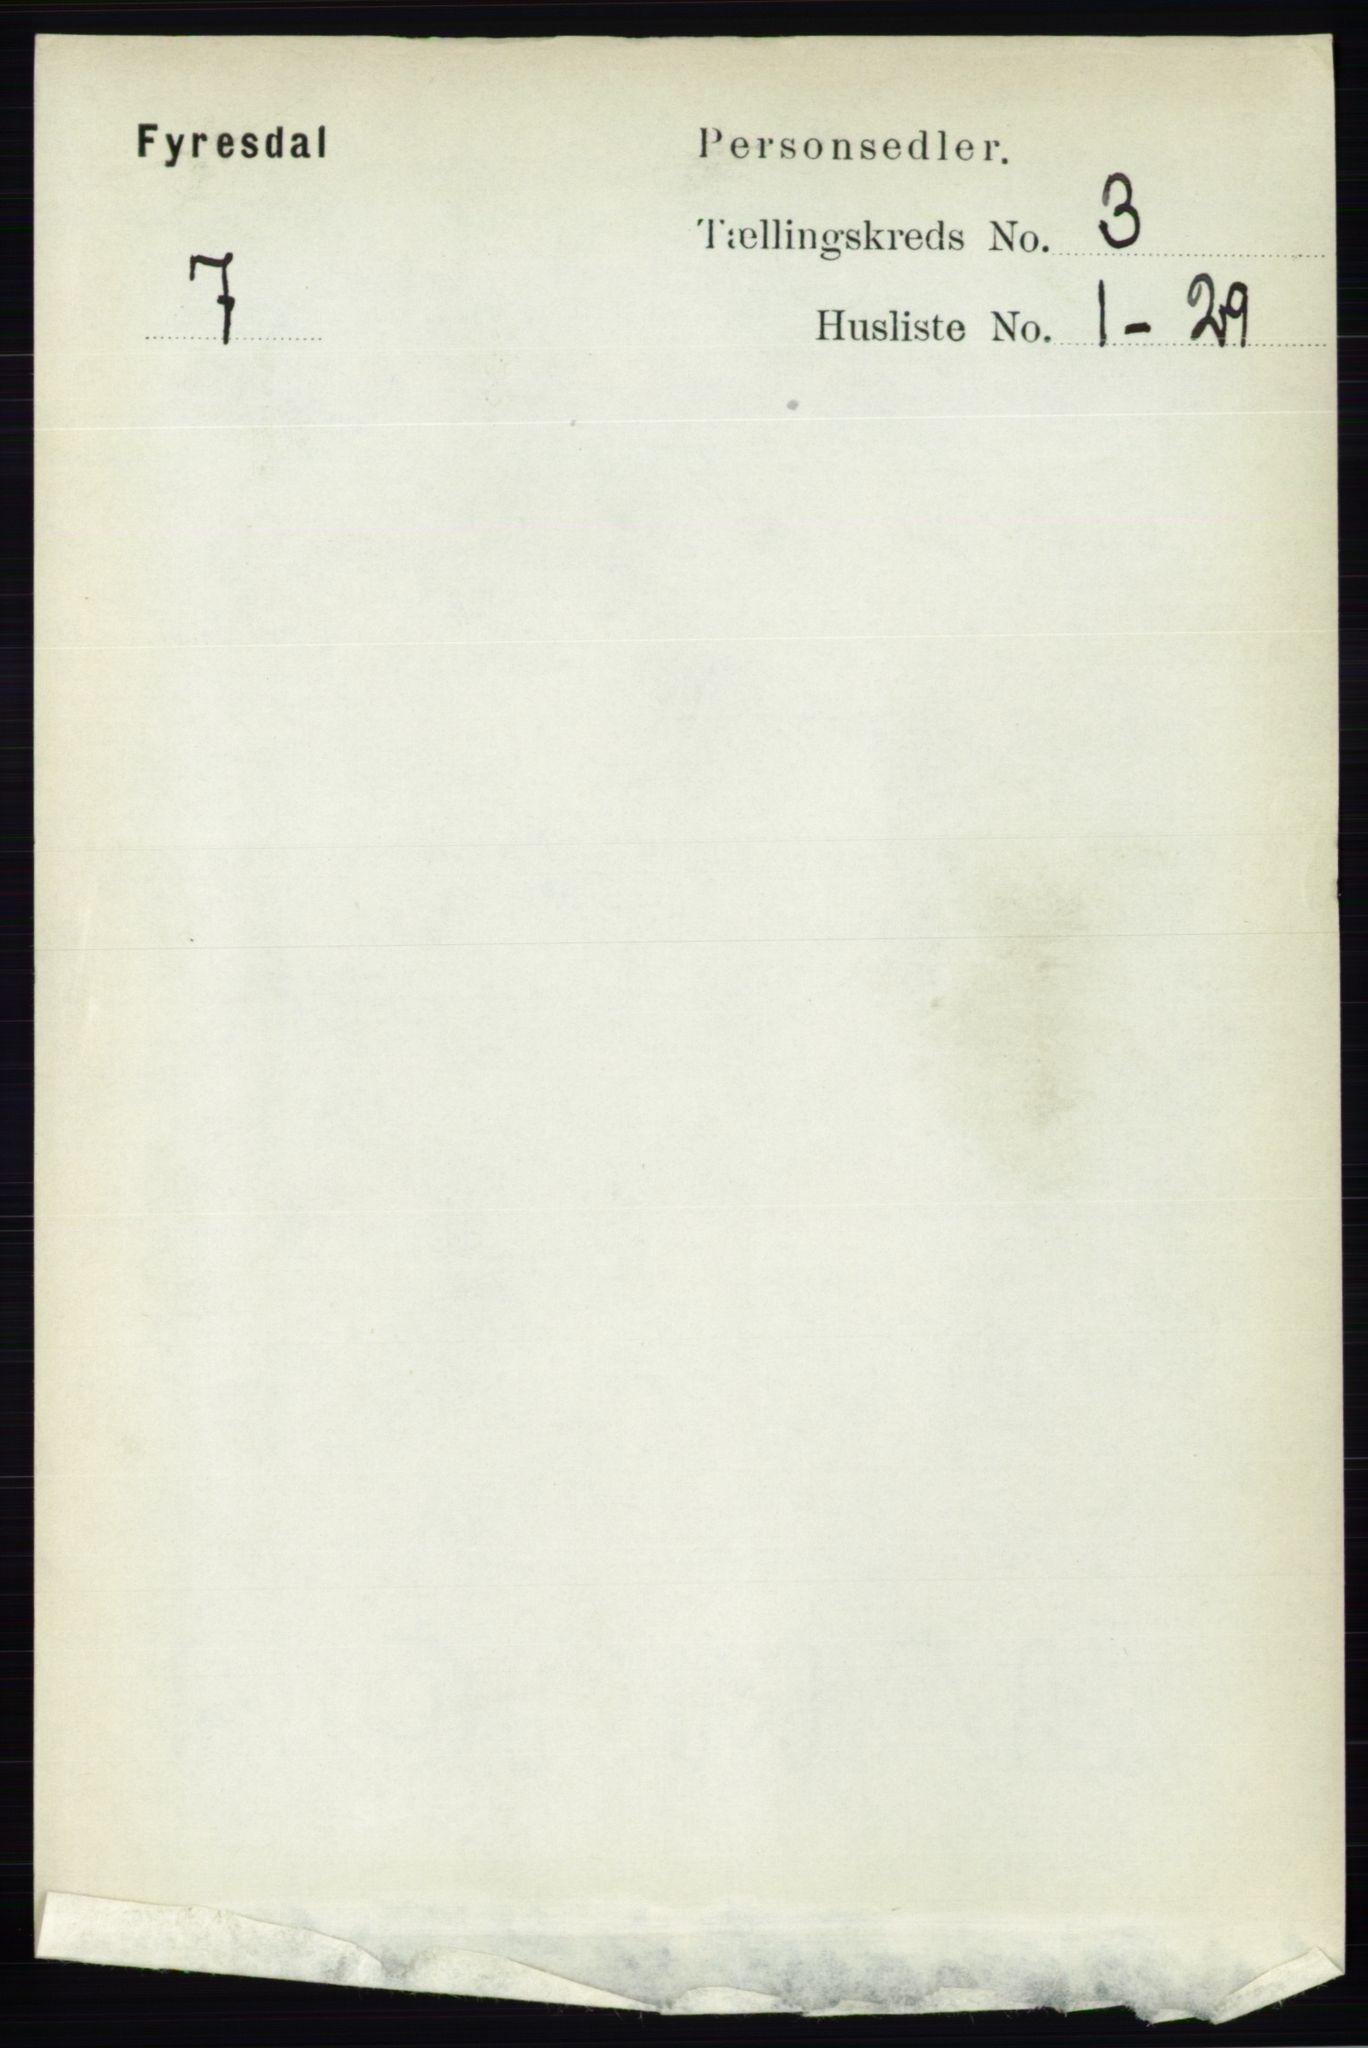 RA, Folketelling 1891 for 0831 Fyresdal herred, 1891, s. 565